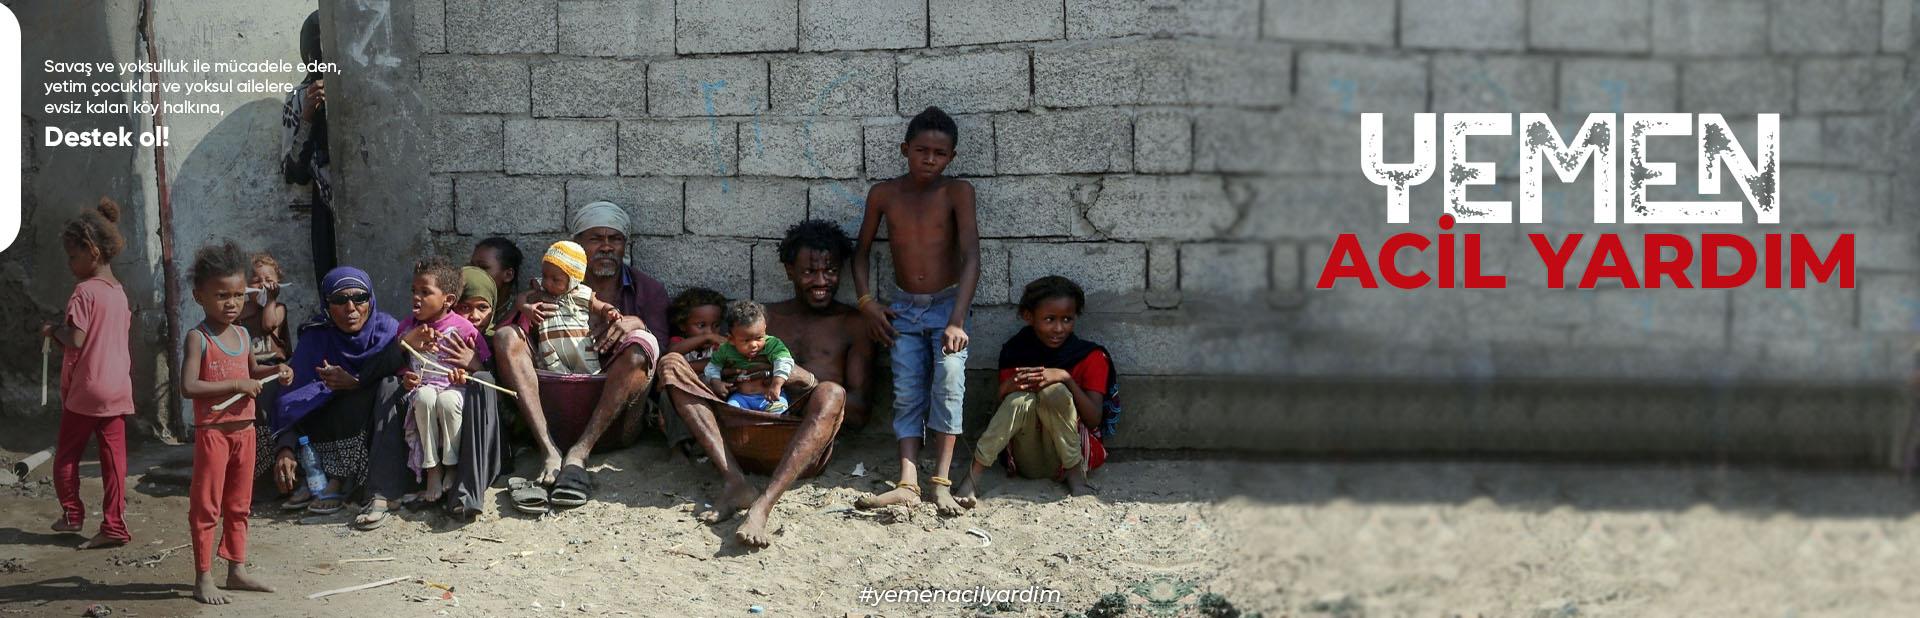 Yemen Emergency Aid